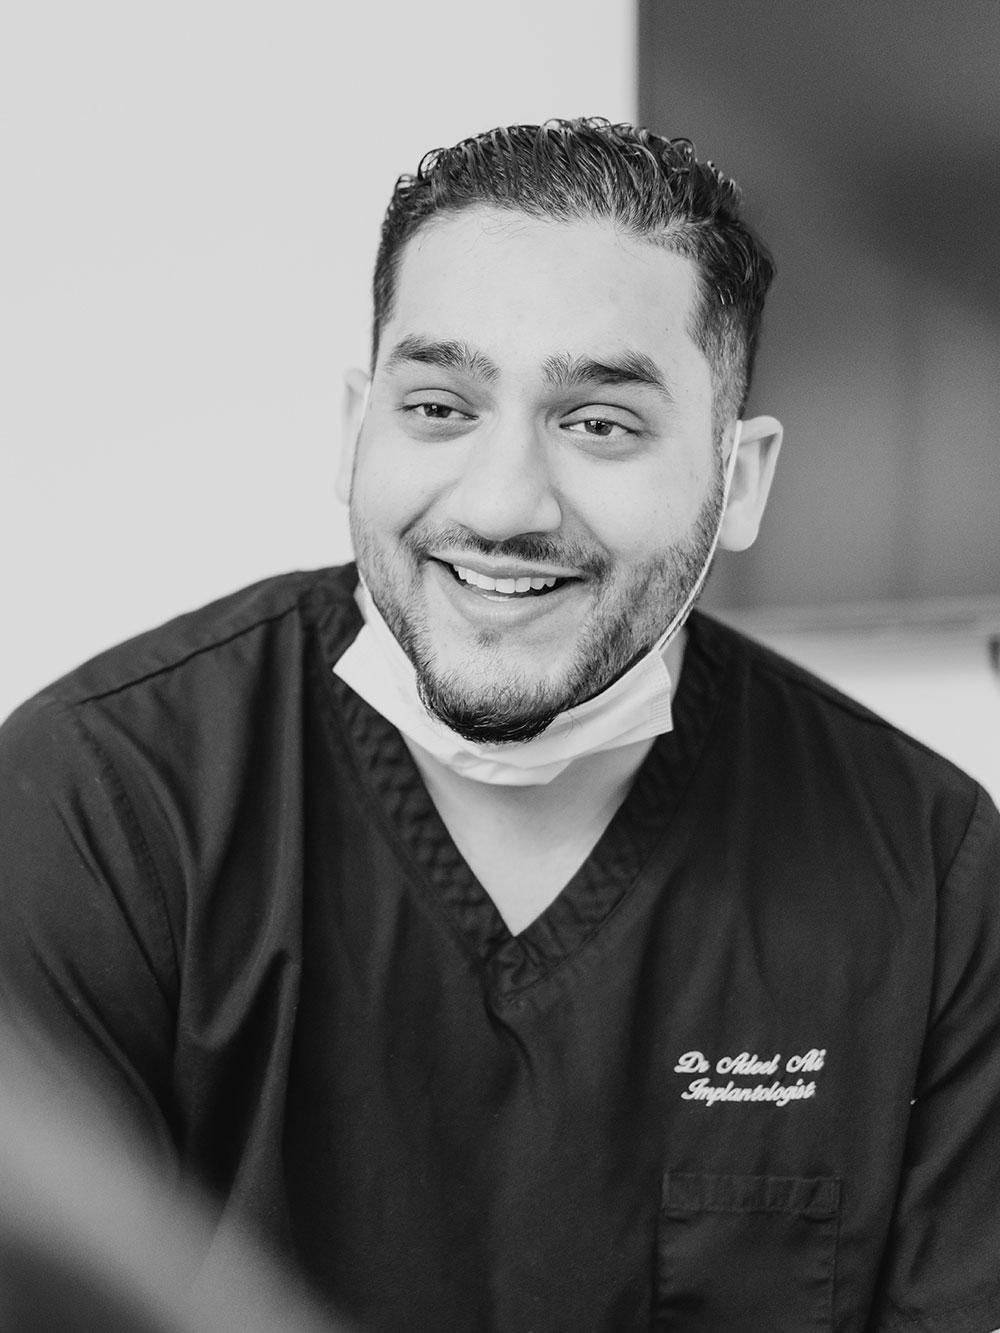 Dr Ali smiling